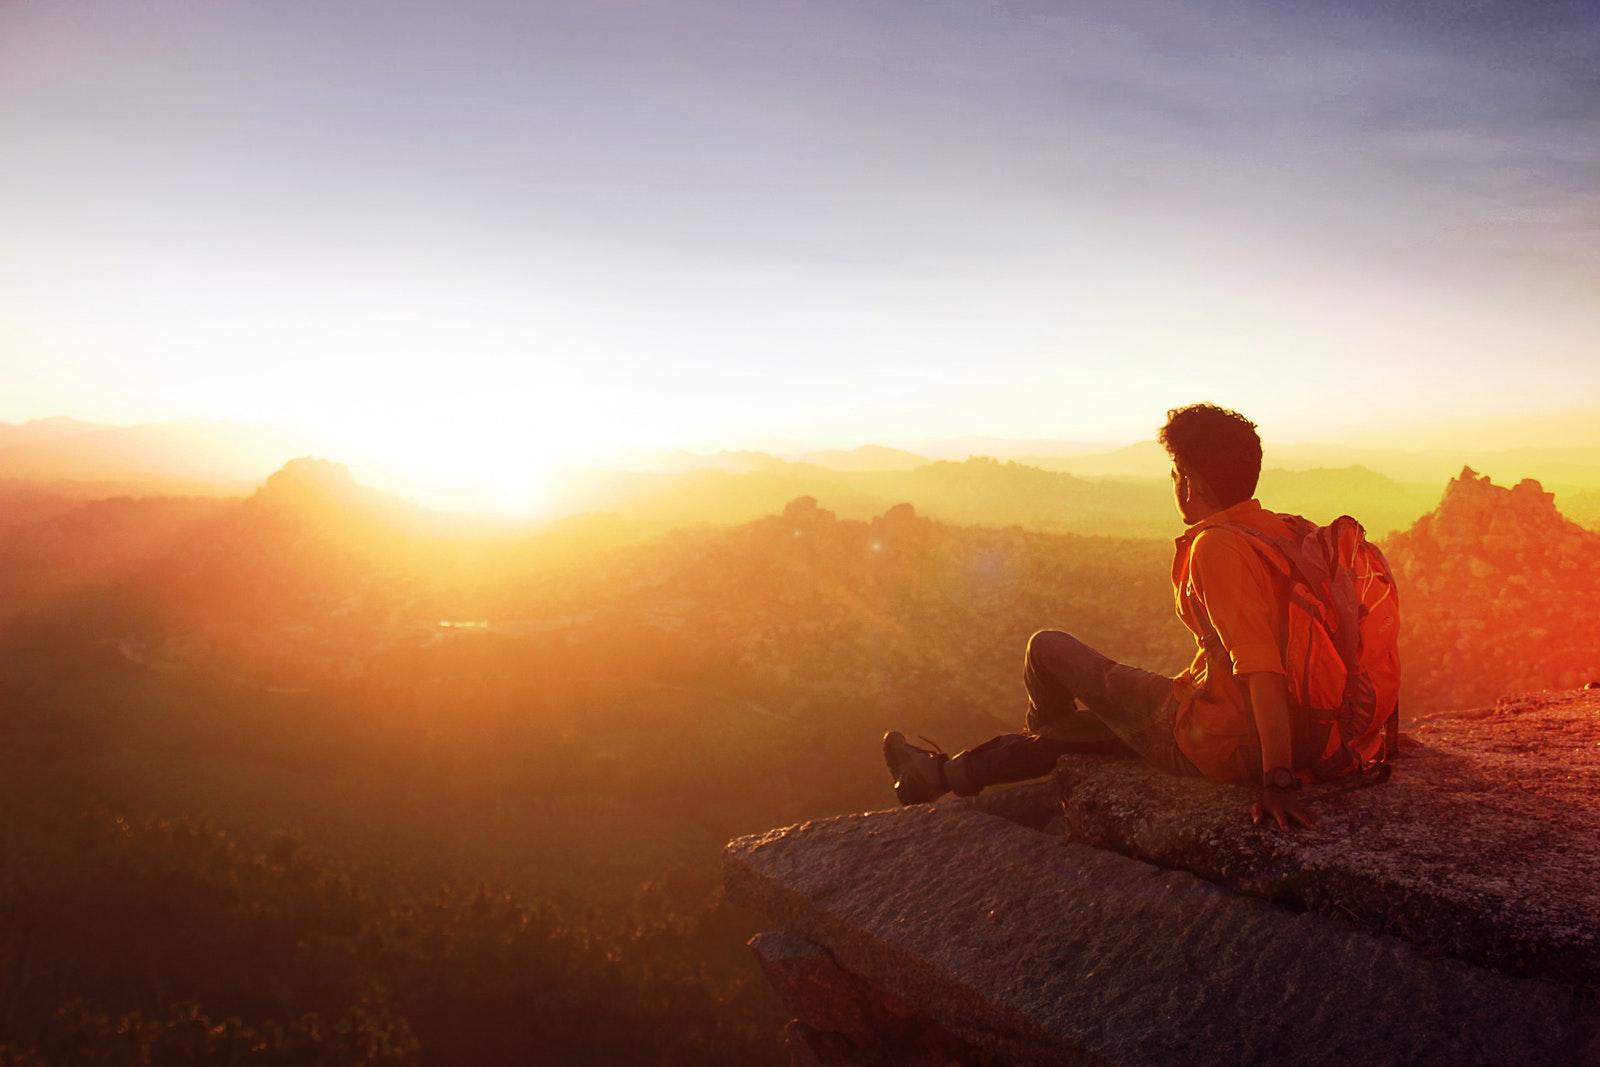 Dieu est lumière   1 Jean 1 : 5-10 - Présence Divine - Homme contemplant lever le lever du soleil derrière les montagnes et collines